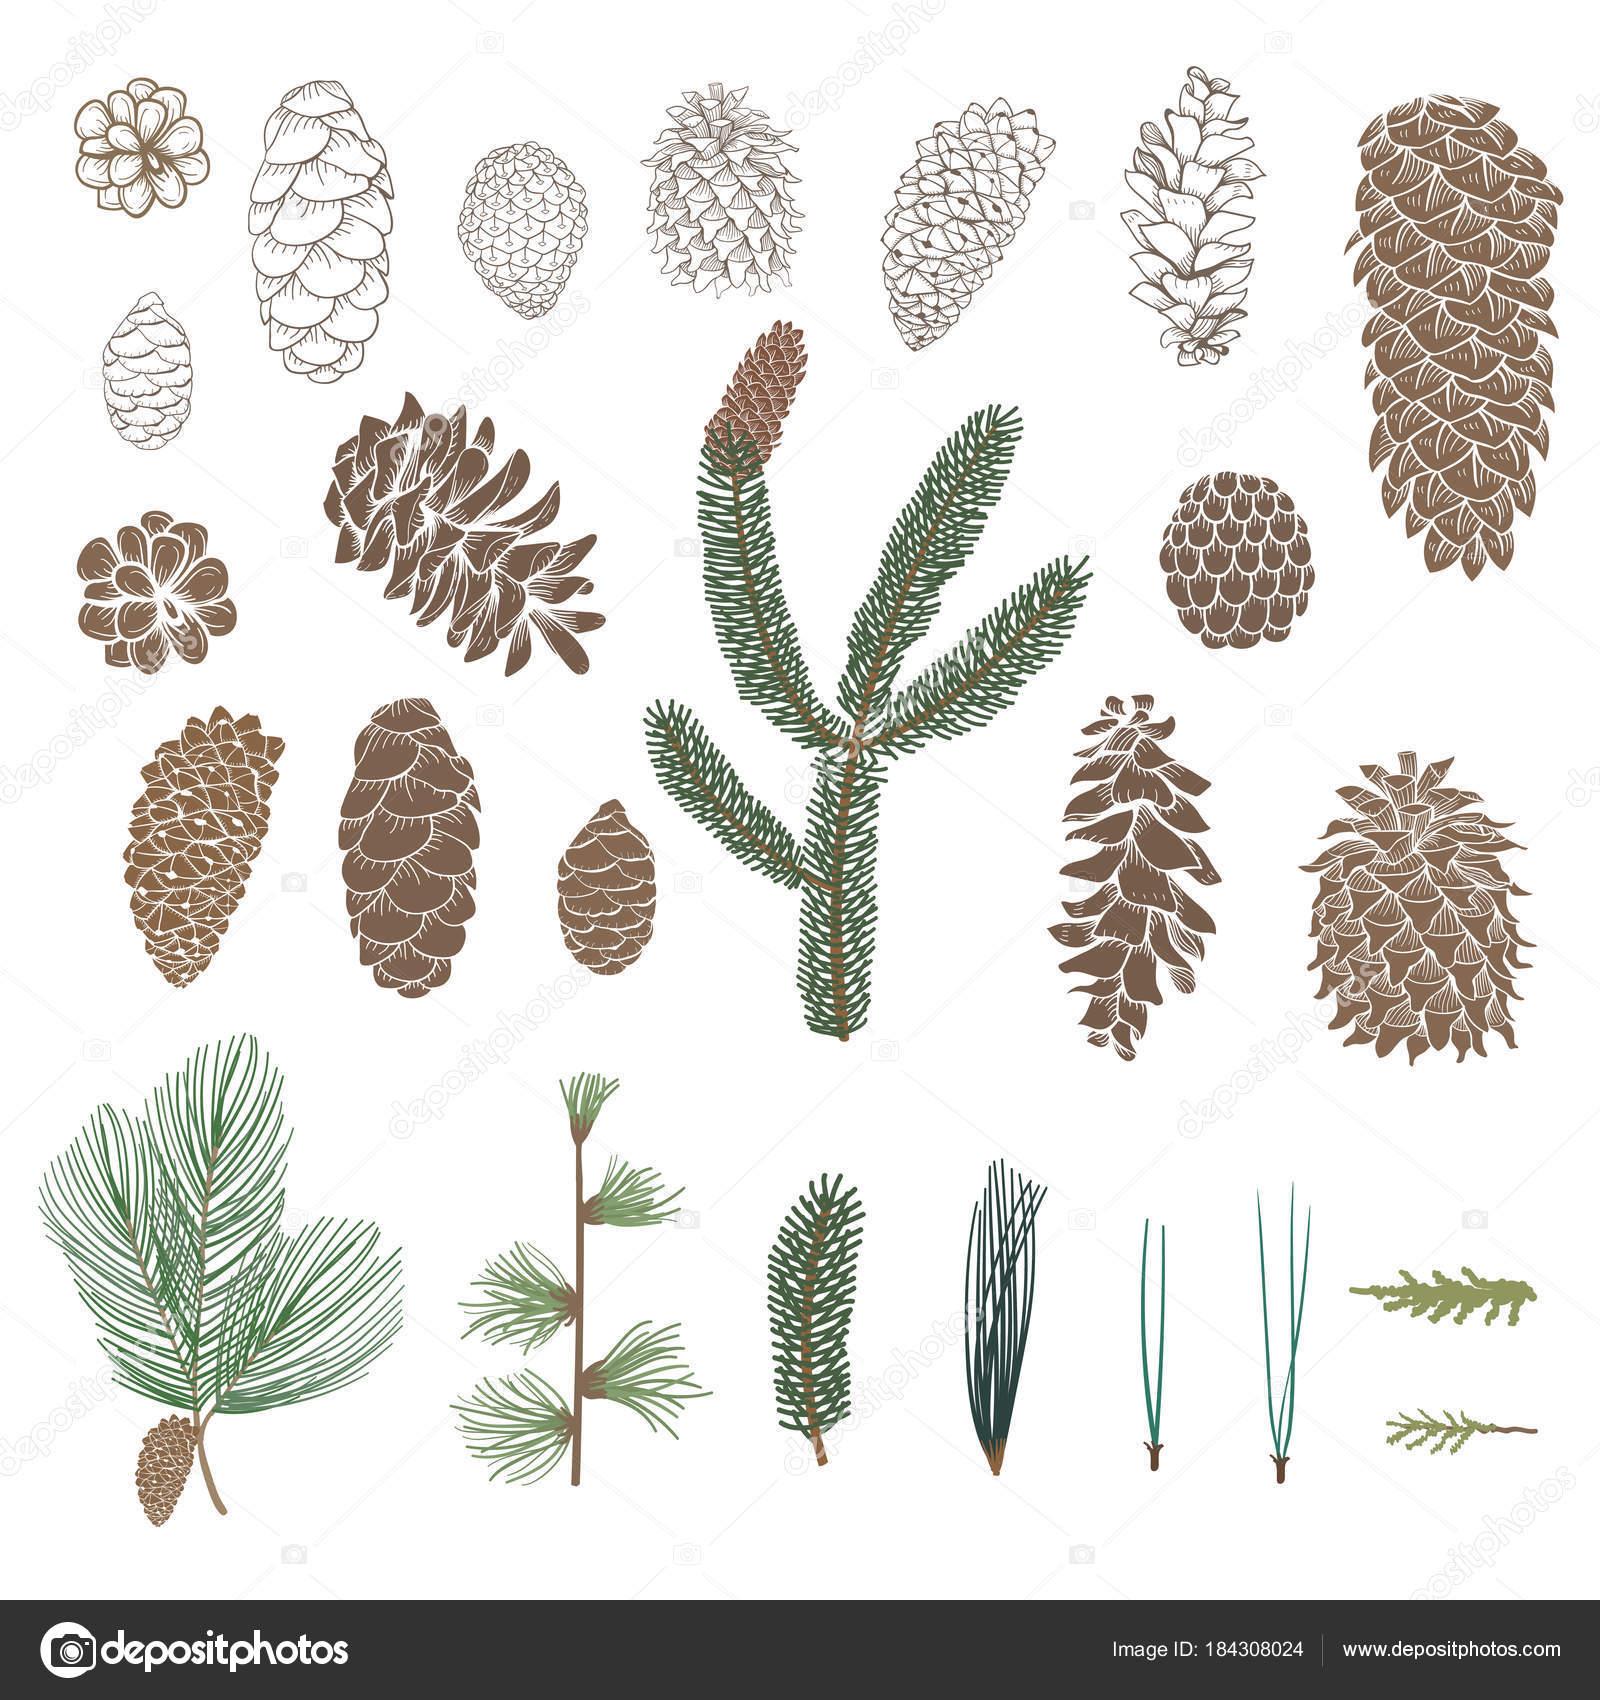 Fotos tipos de pinos ilustraci n dise o conos tipos for Tipos de pinos para jardin fotos